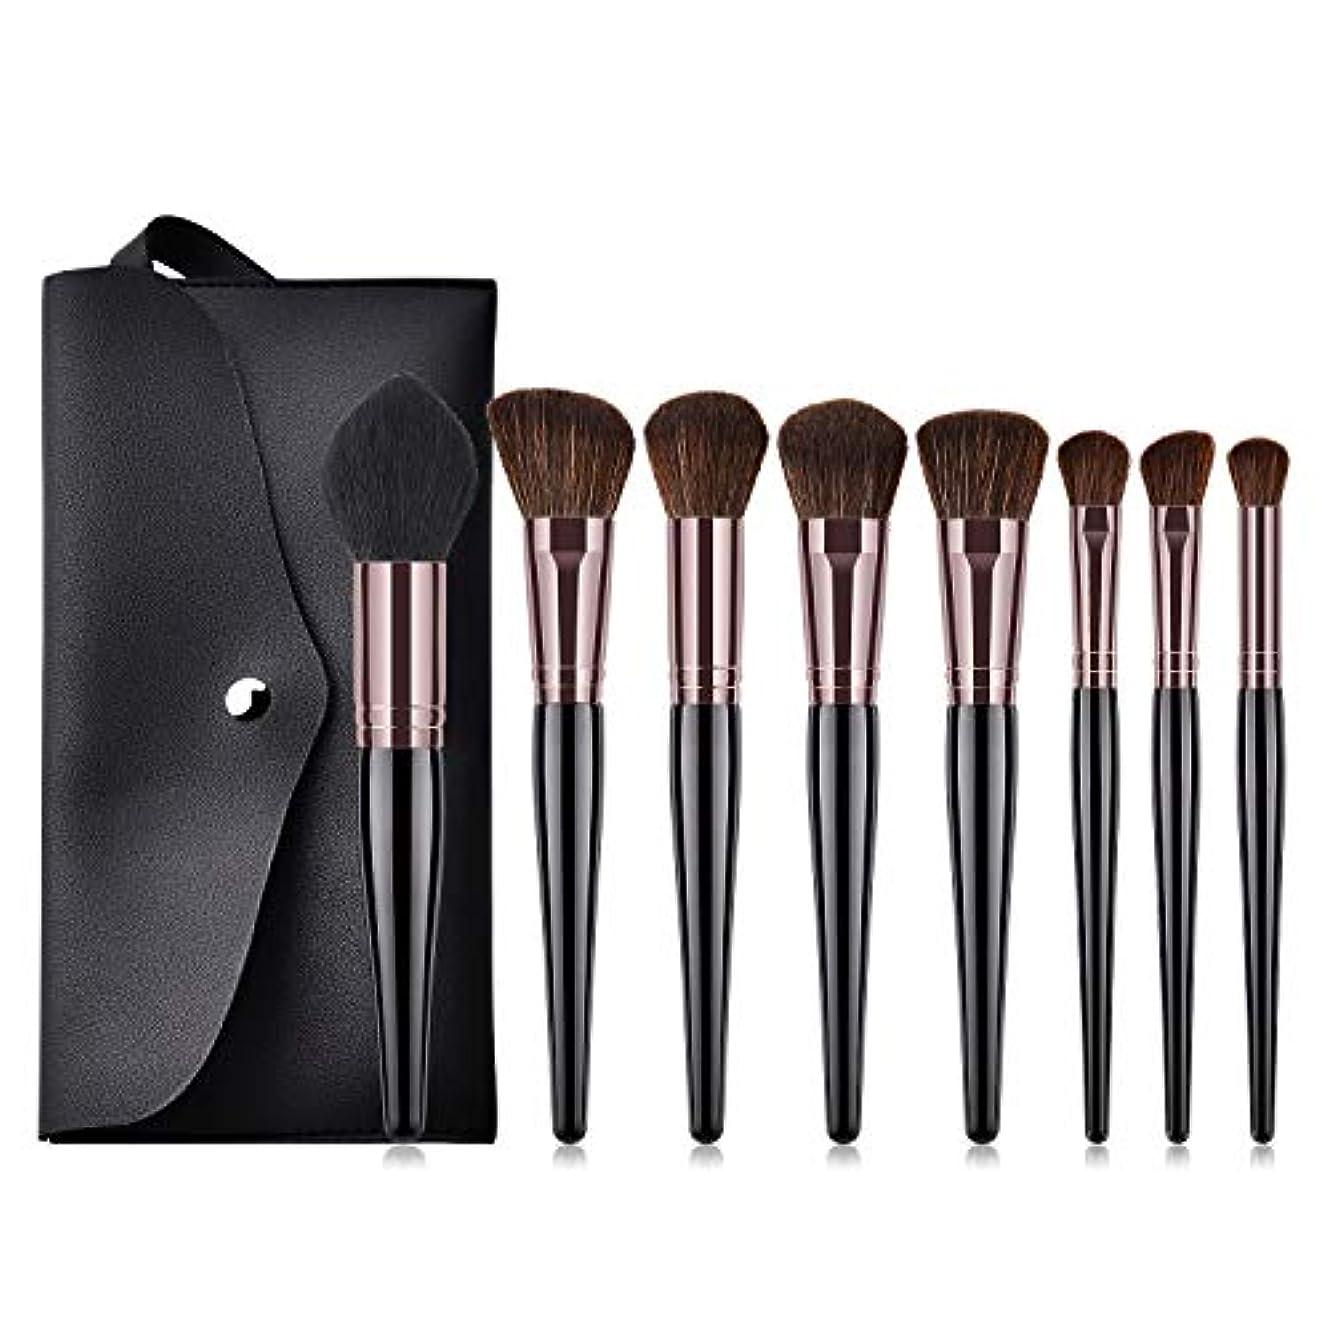 Makeup brushes PUレザーバッグが付いている贅沢な8つの構造のブラシのUnaffixedの粉のブラシの赤面のブラシのアイシャドウブラシ suits (Color : Black)